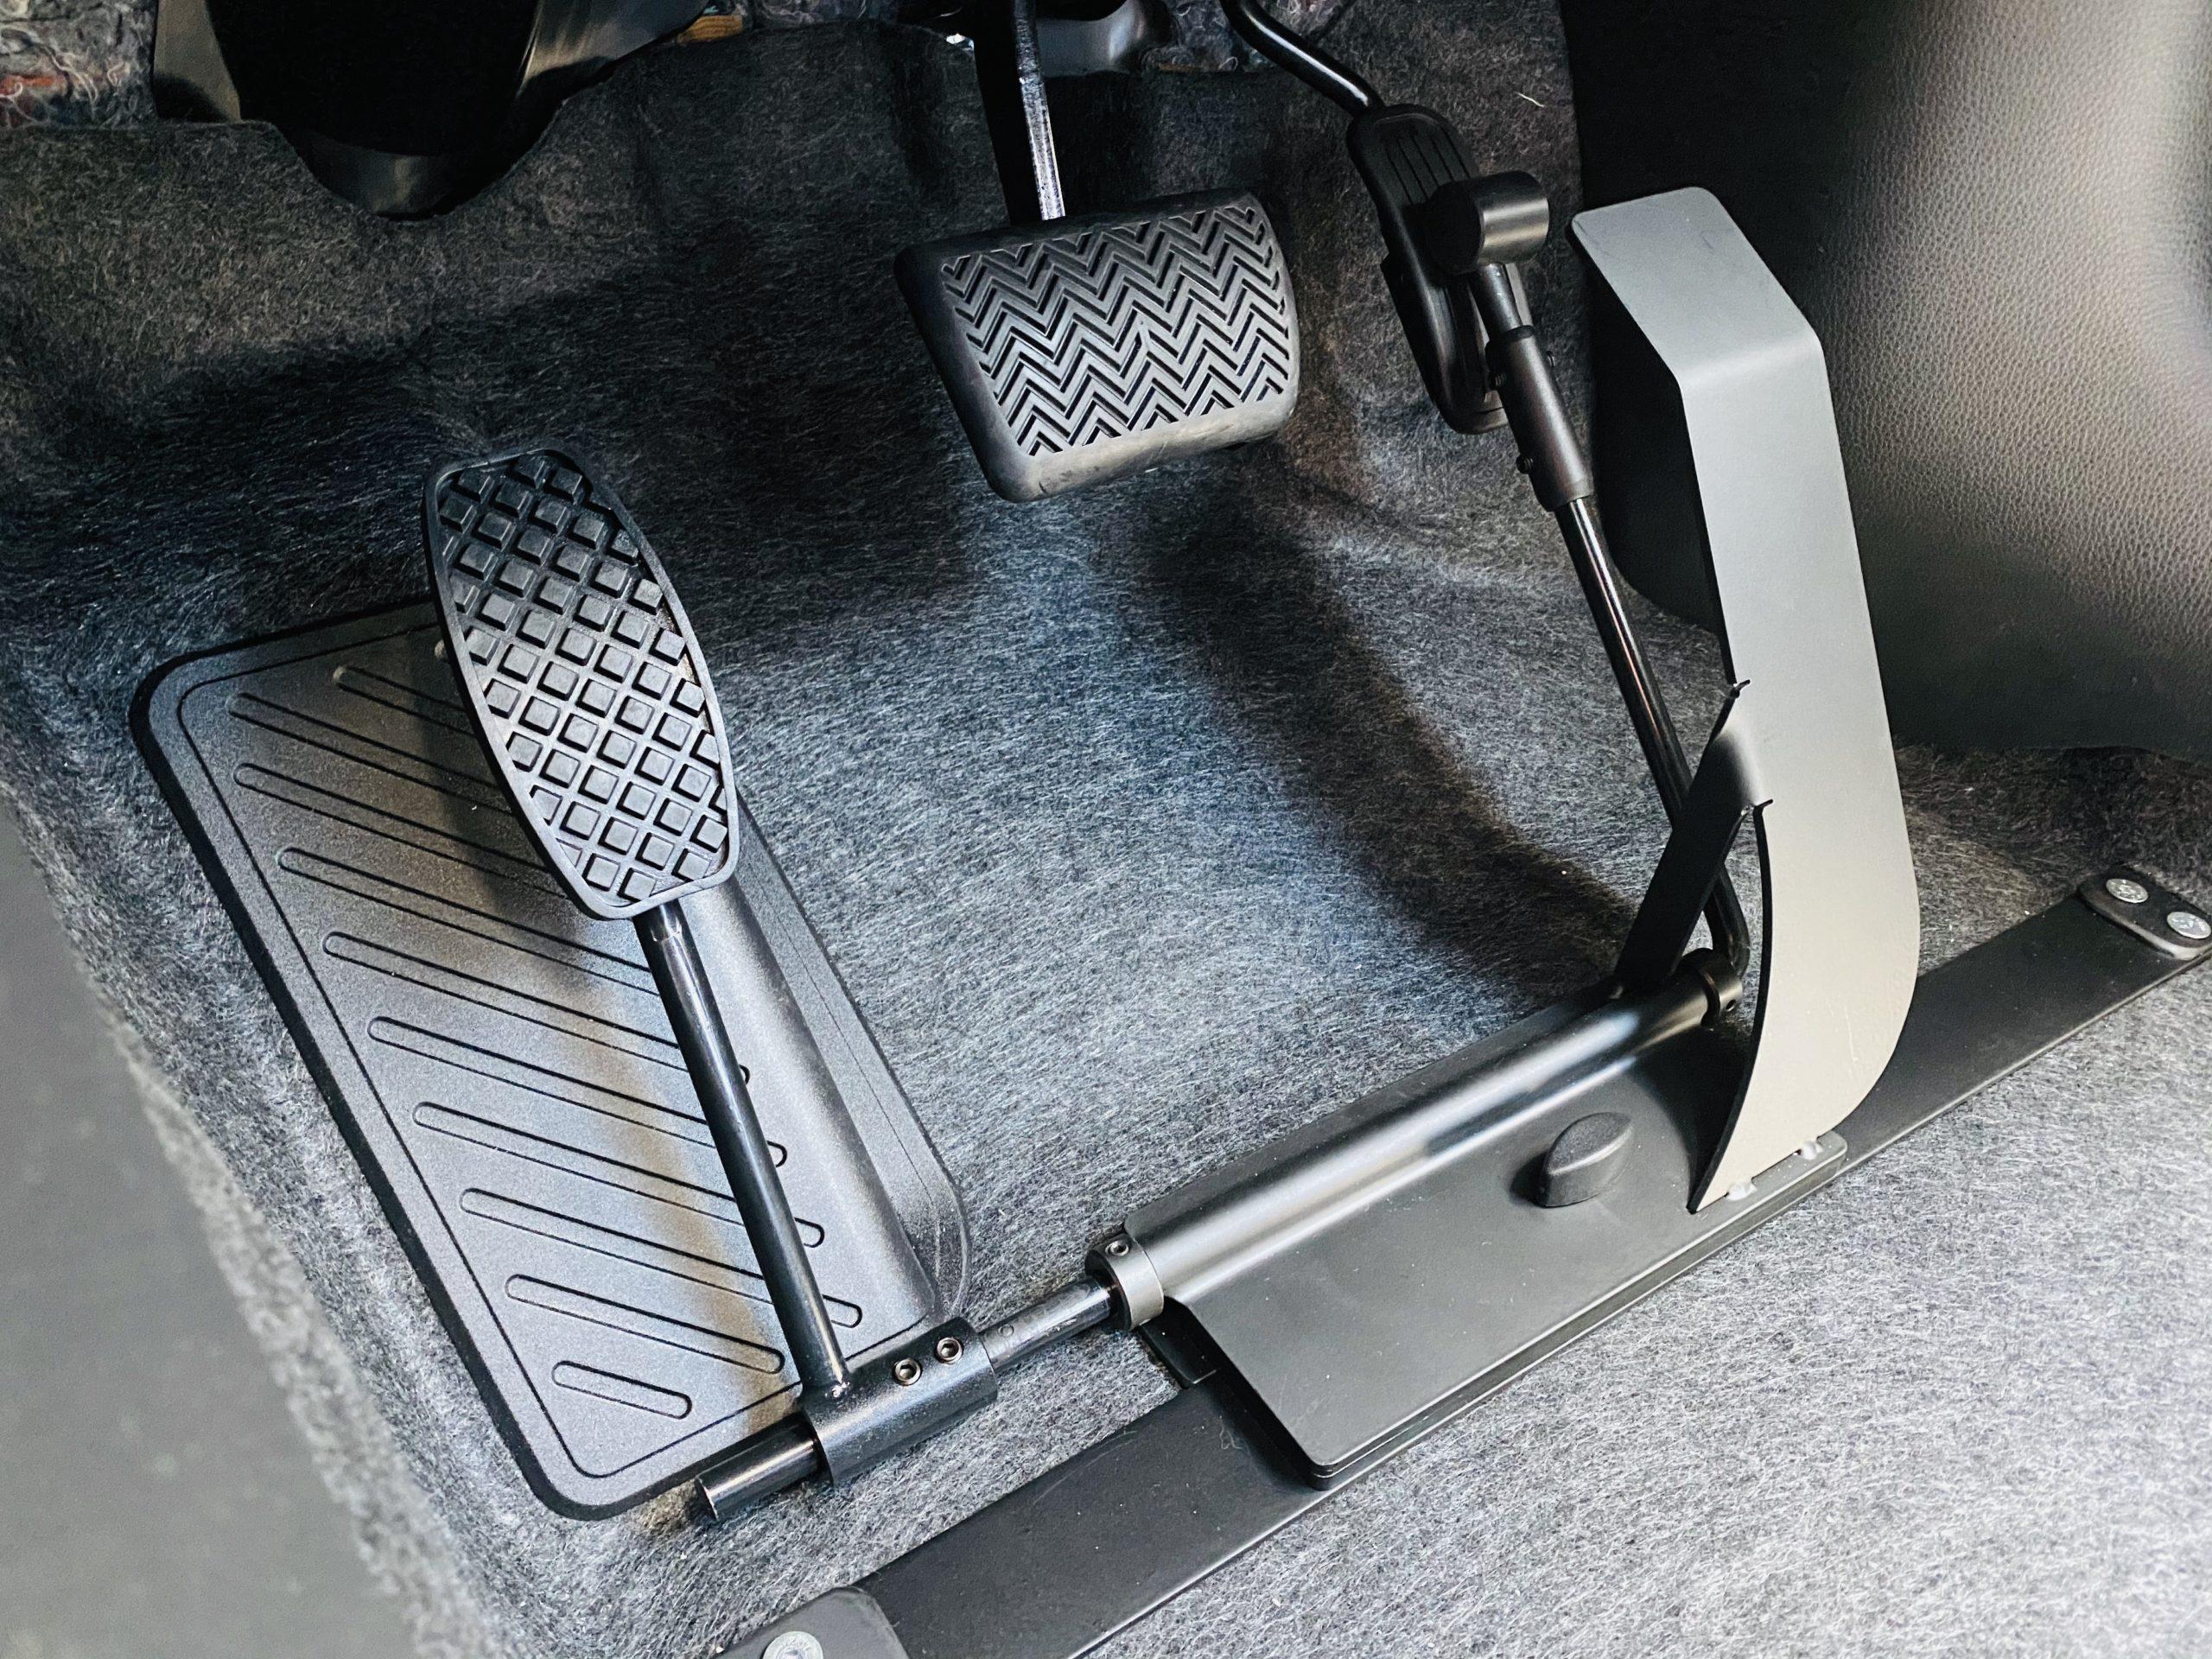 福祉車両改造 トヨタ ヤリス 左足アクセル 福祉車両への改造 ⑤